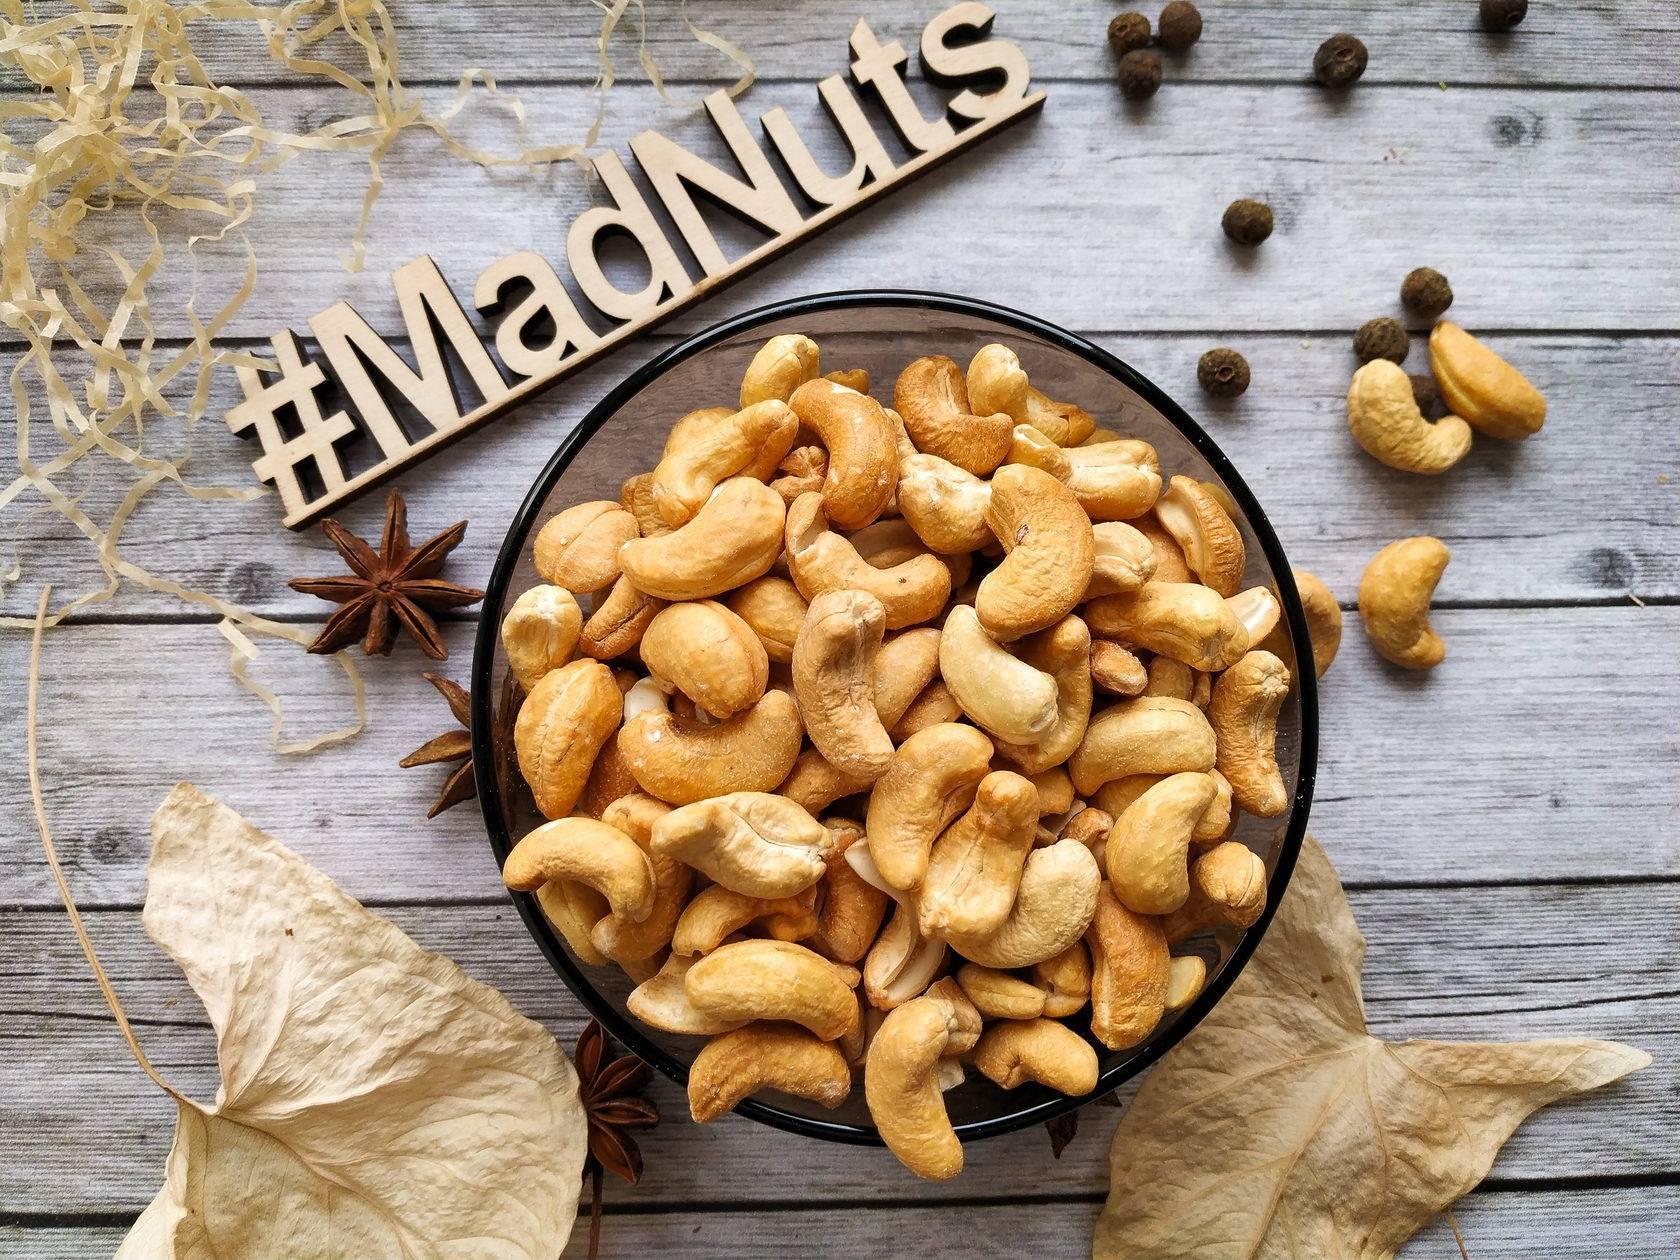 Жареный кешью: польза, вред, гликемический индекс, пищевая ценность, и полезнее ли он сырого ореха, какое количество калорий в 100 граммах продукта?